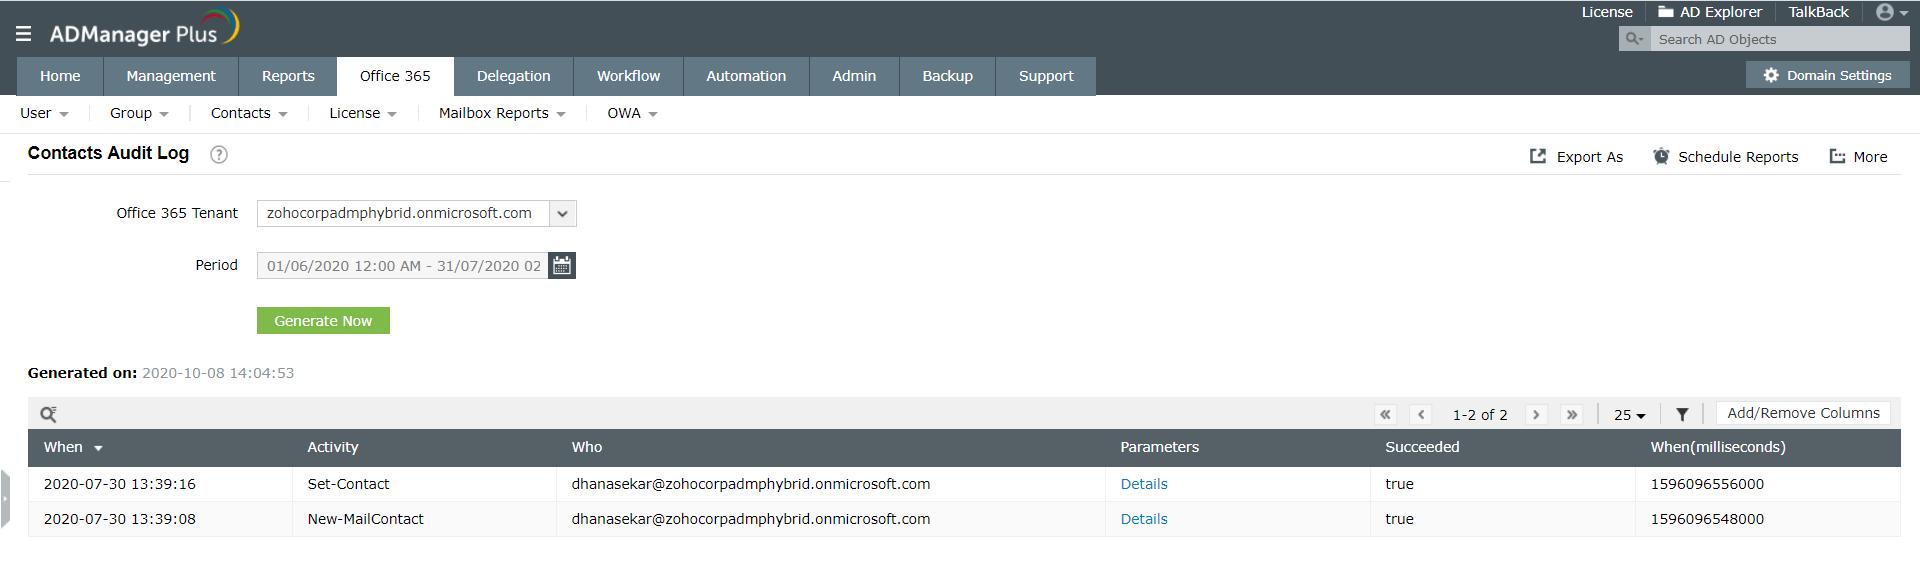 Contact Audit log